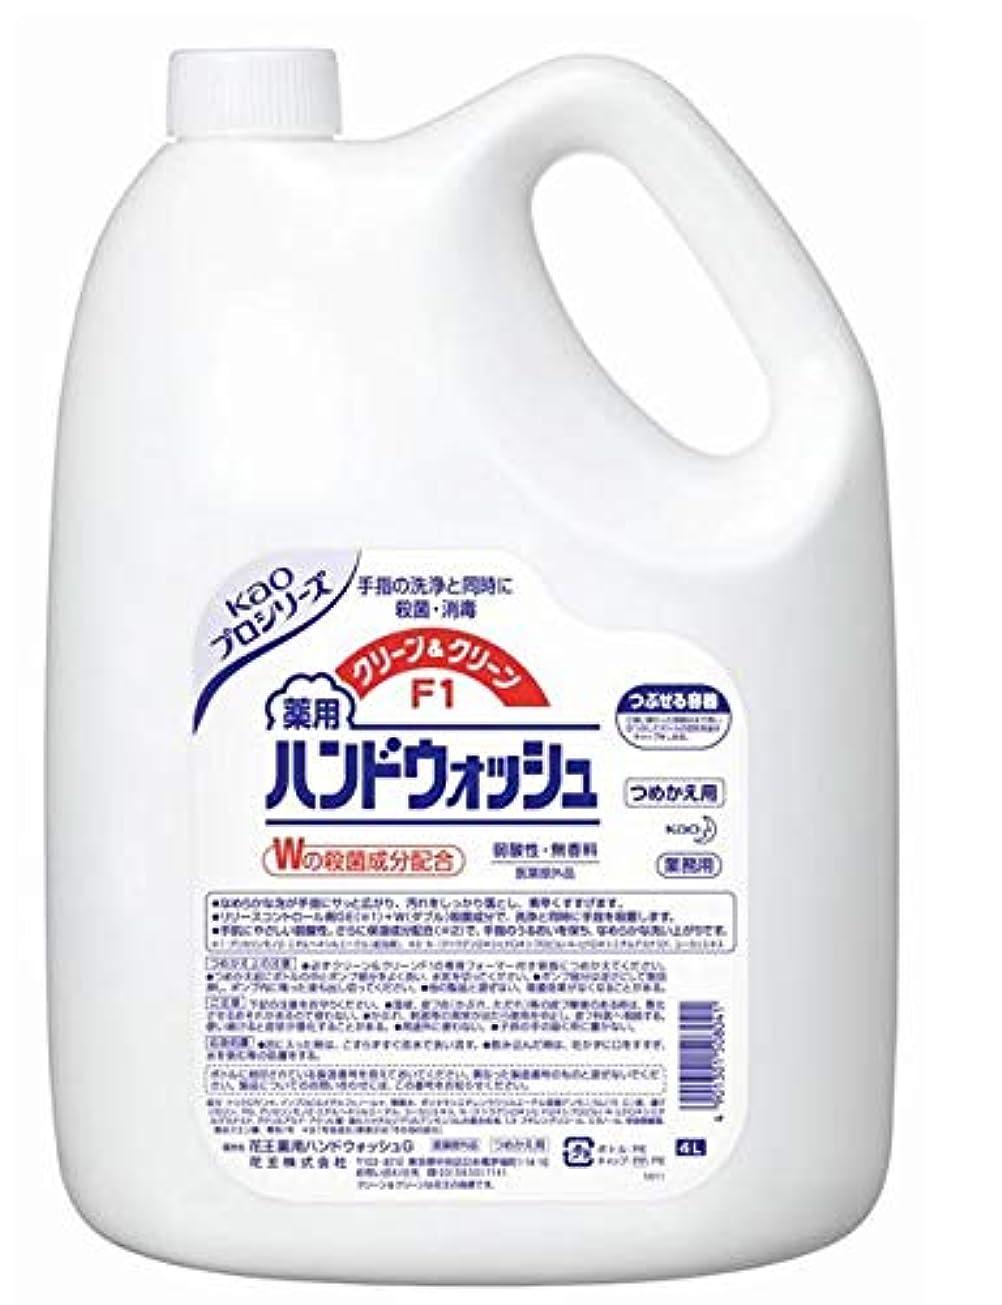 ごめんなさいメールポテト花王 クリーン&クリーンF1 薬用ハンドウォッシュ 4リットル 3缶セット